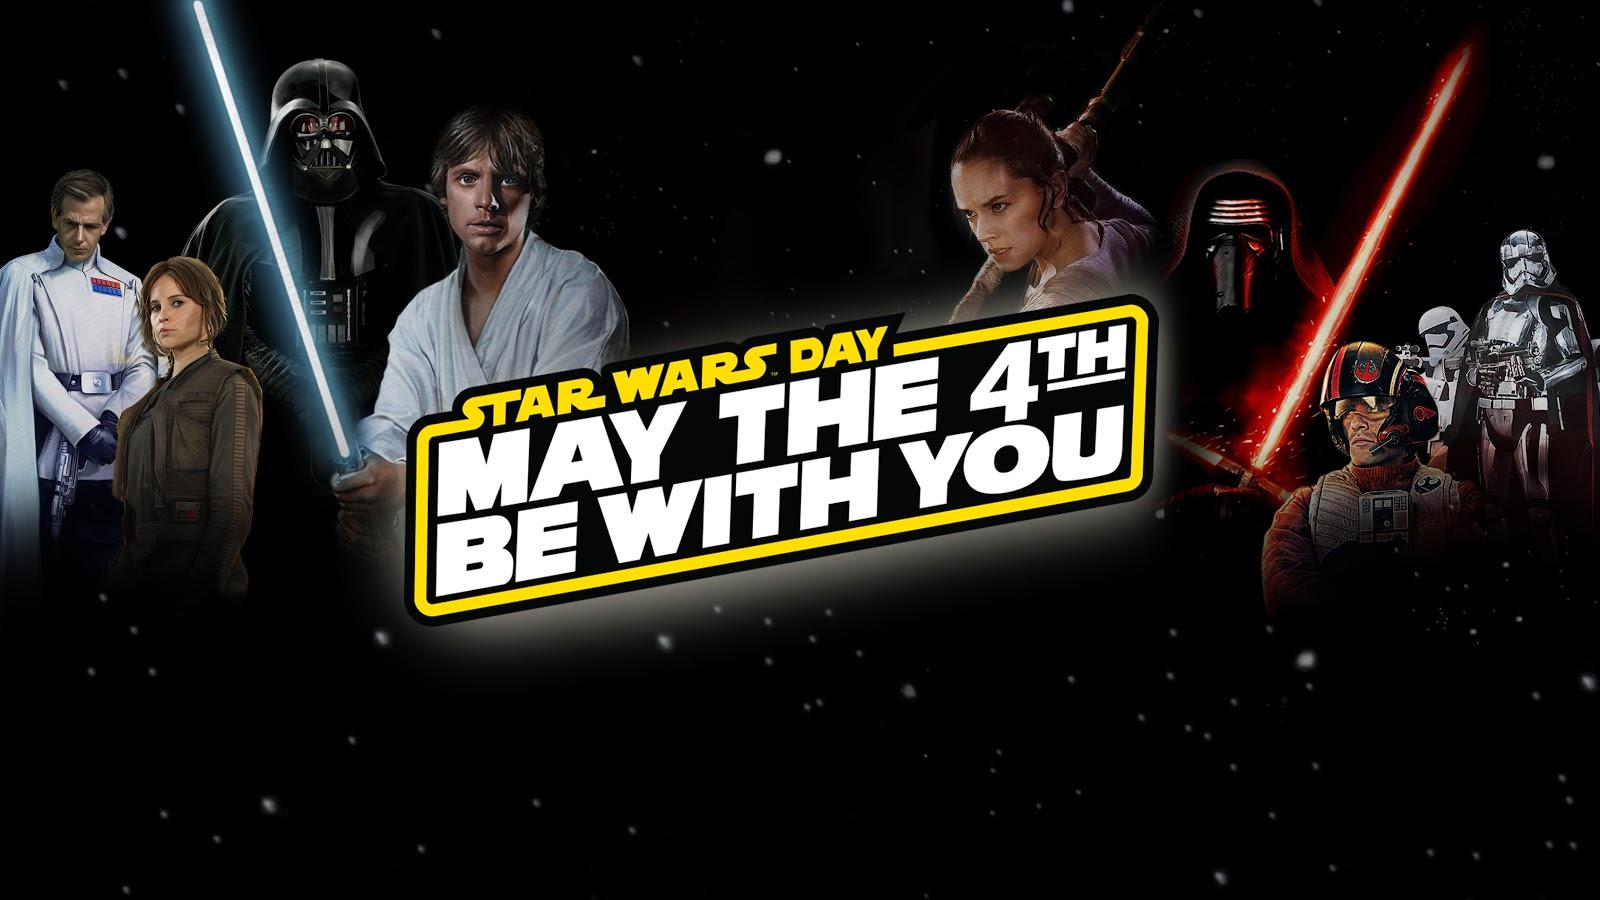 May the 4th be with you. En este día especial para los fans de Star Wars, hacemos un ranking valorando las películas de la peor a la mejor.